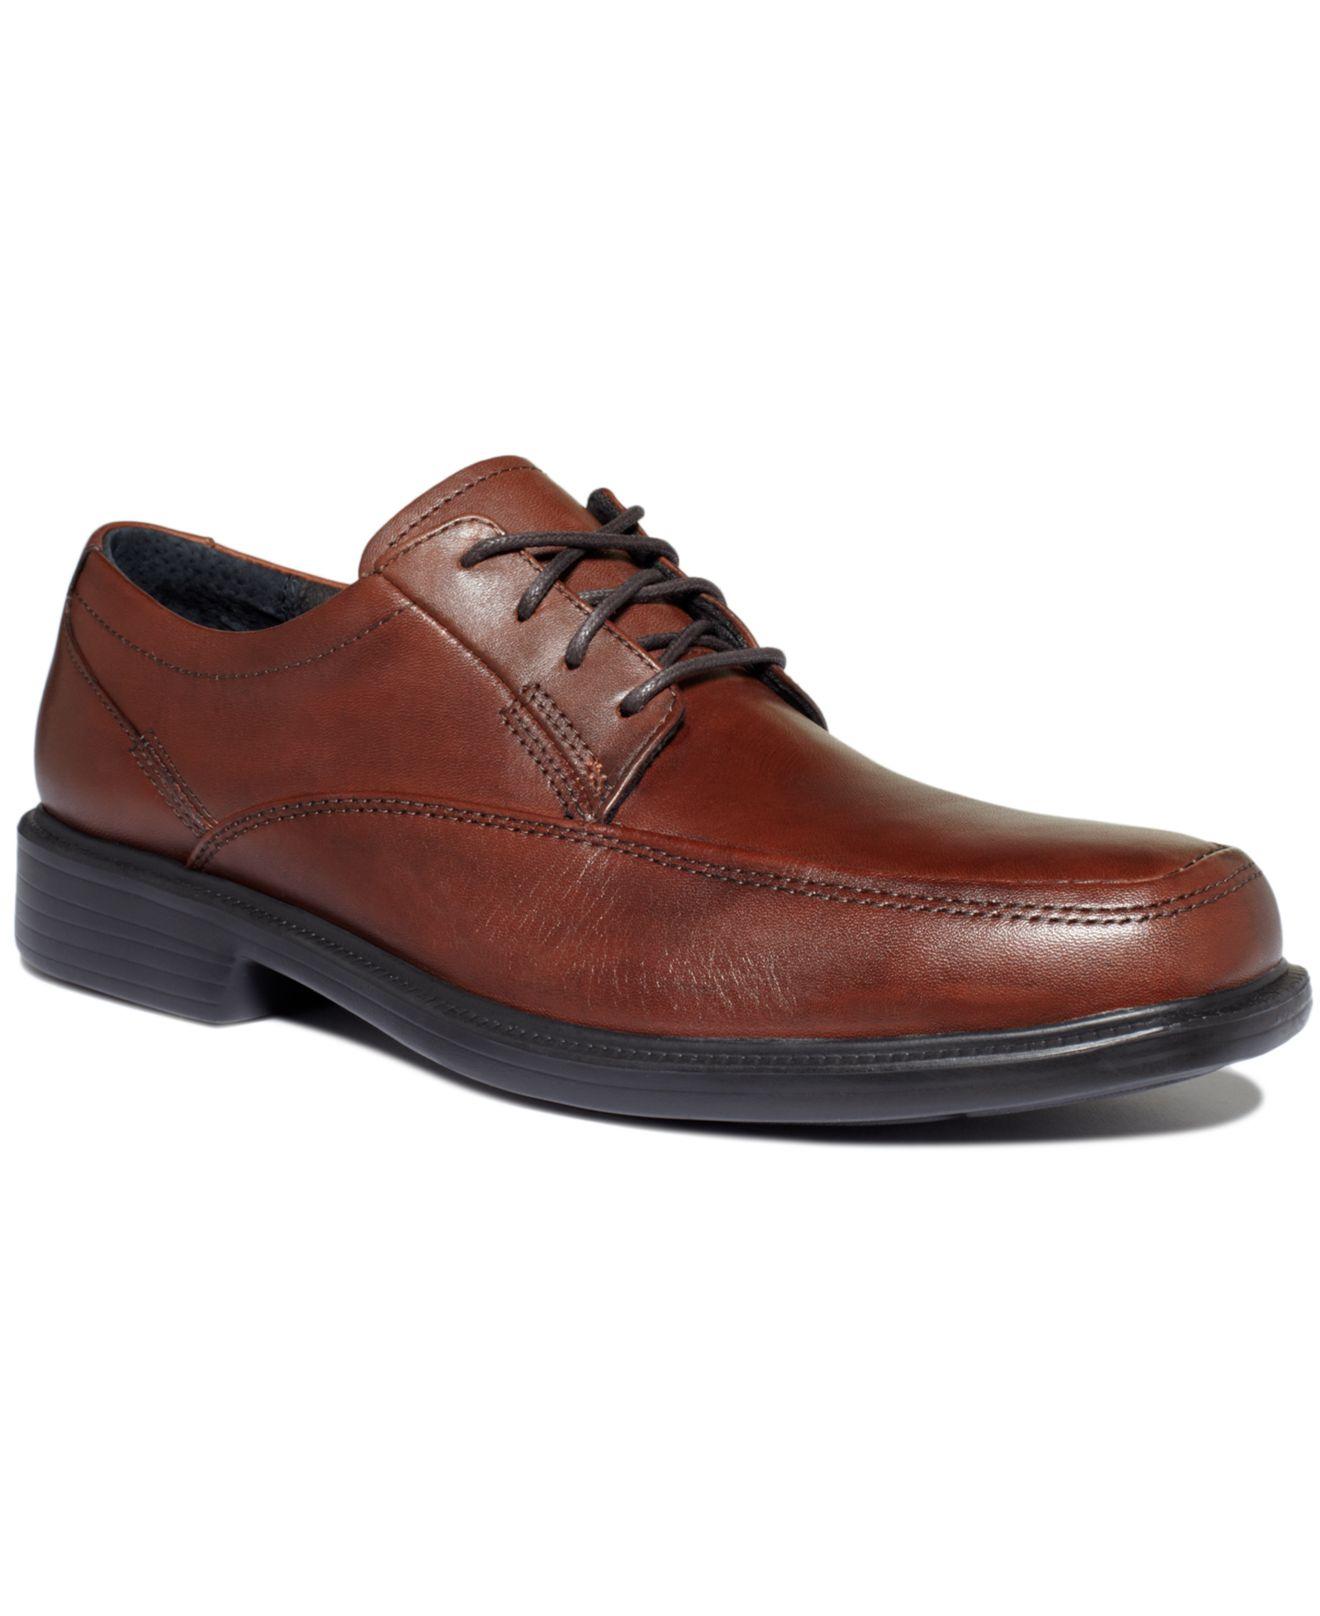 Bostonian Ipswich Men Shoes